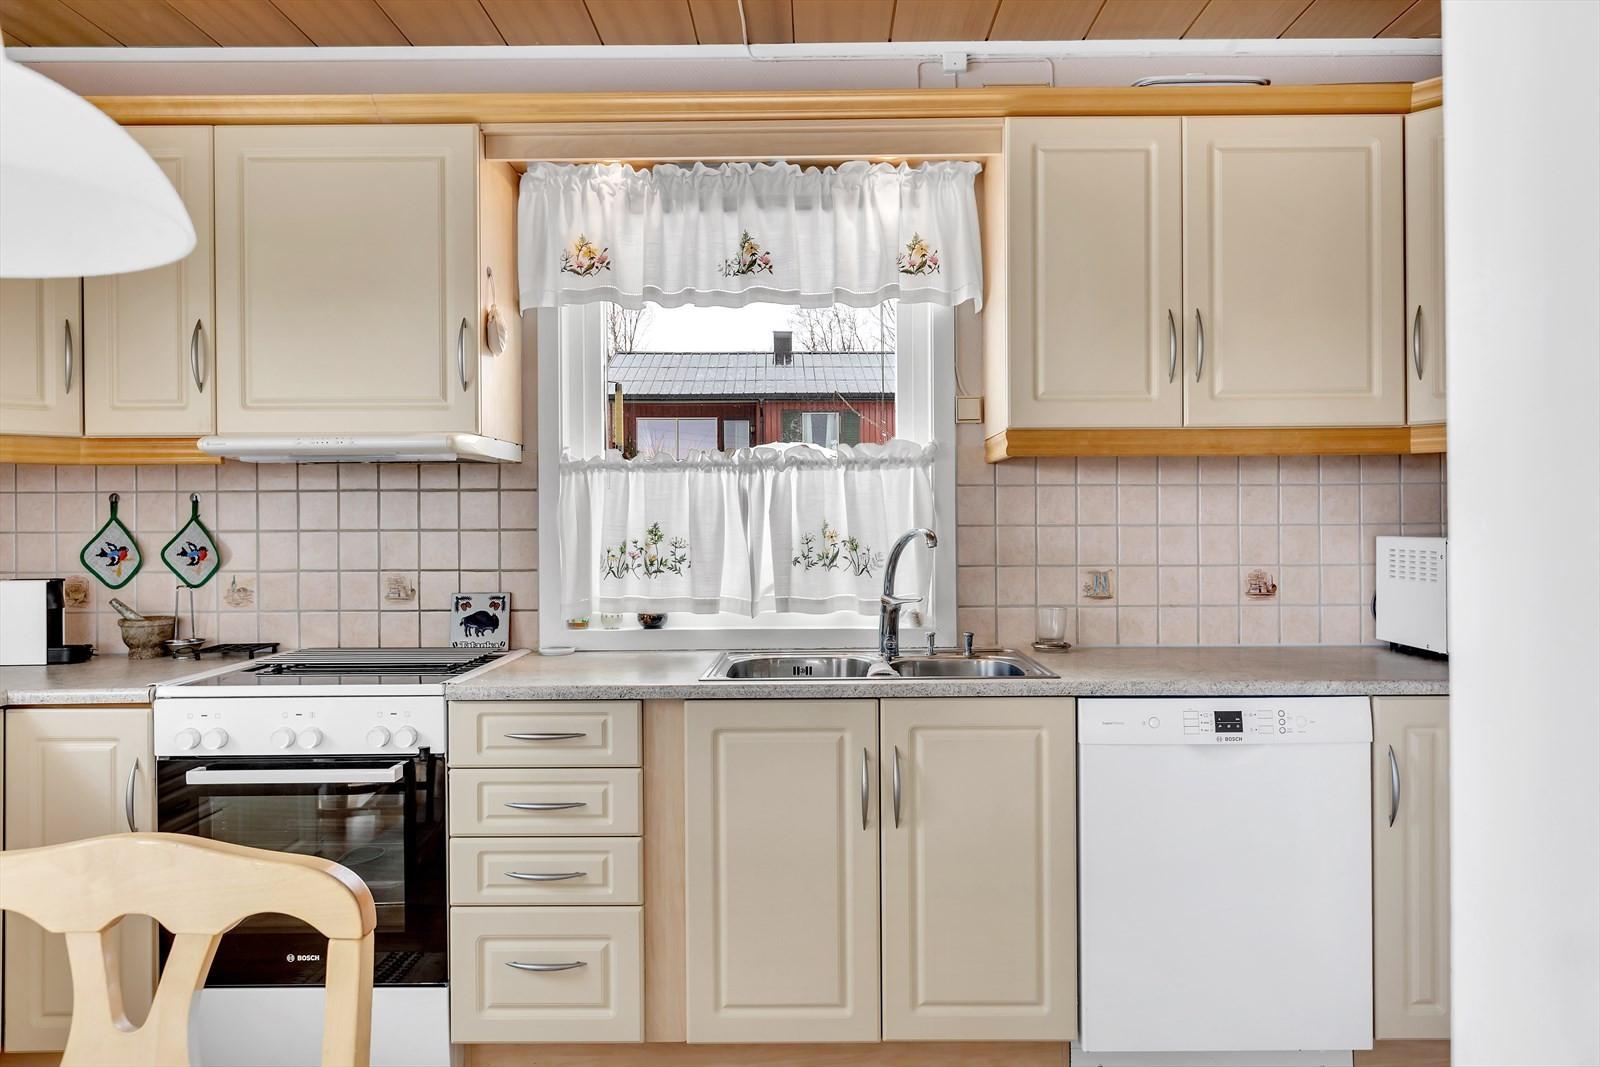 Lys kjøkkeninnredning med profilerte fronter